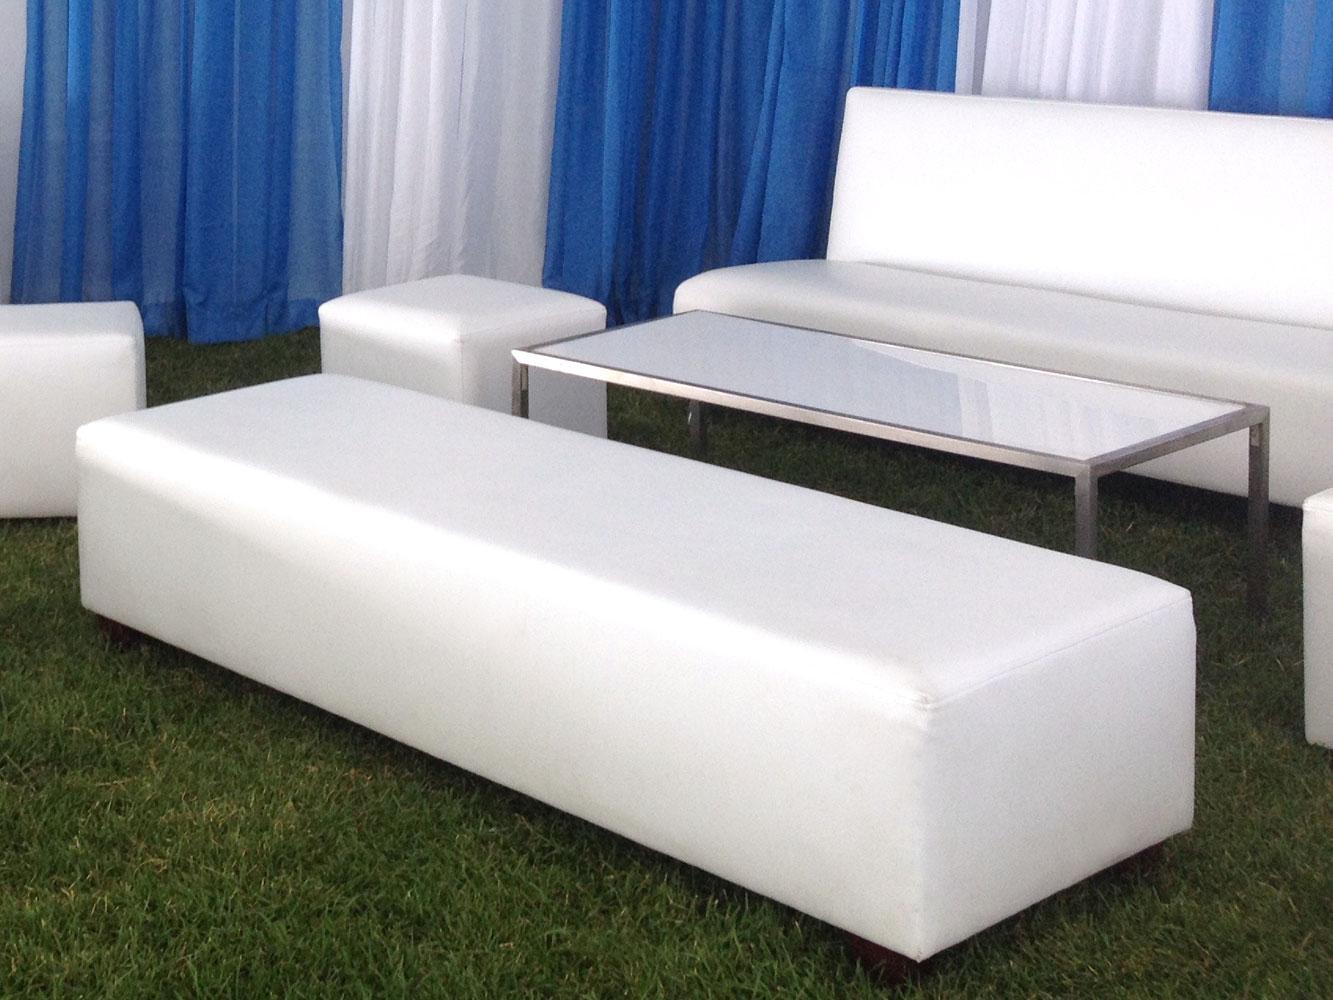 White Maria bench ottomans